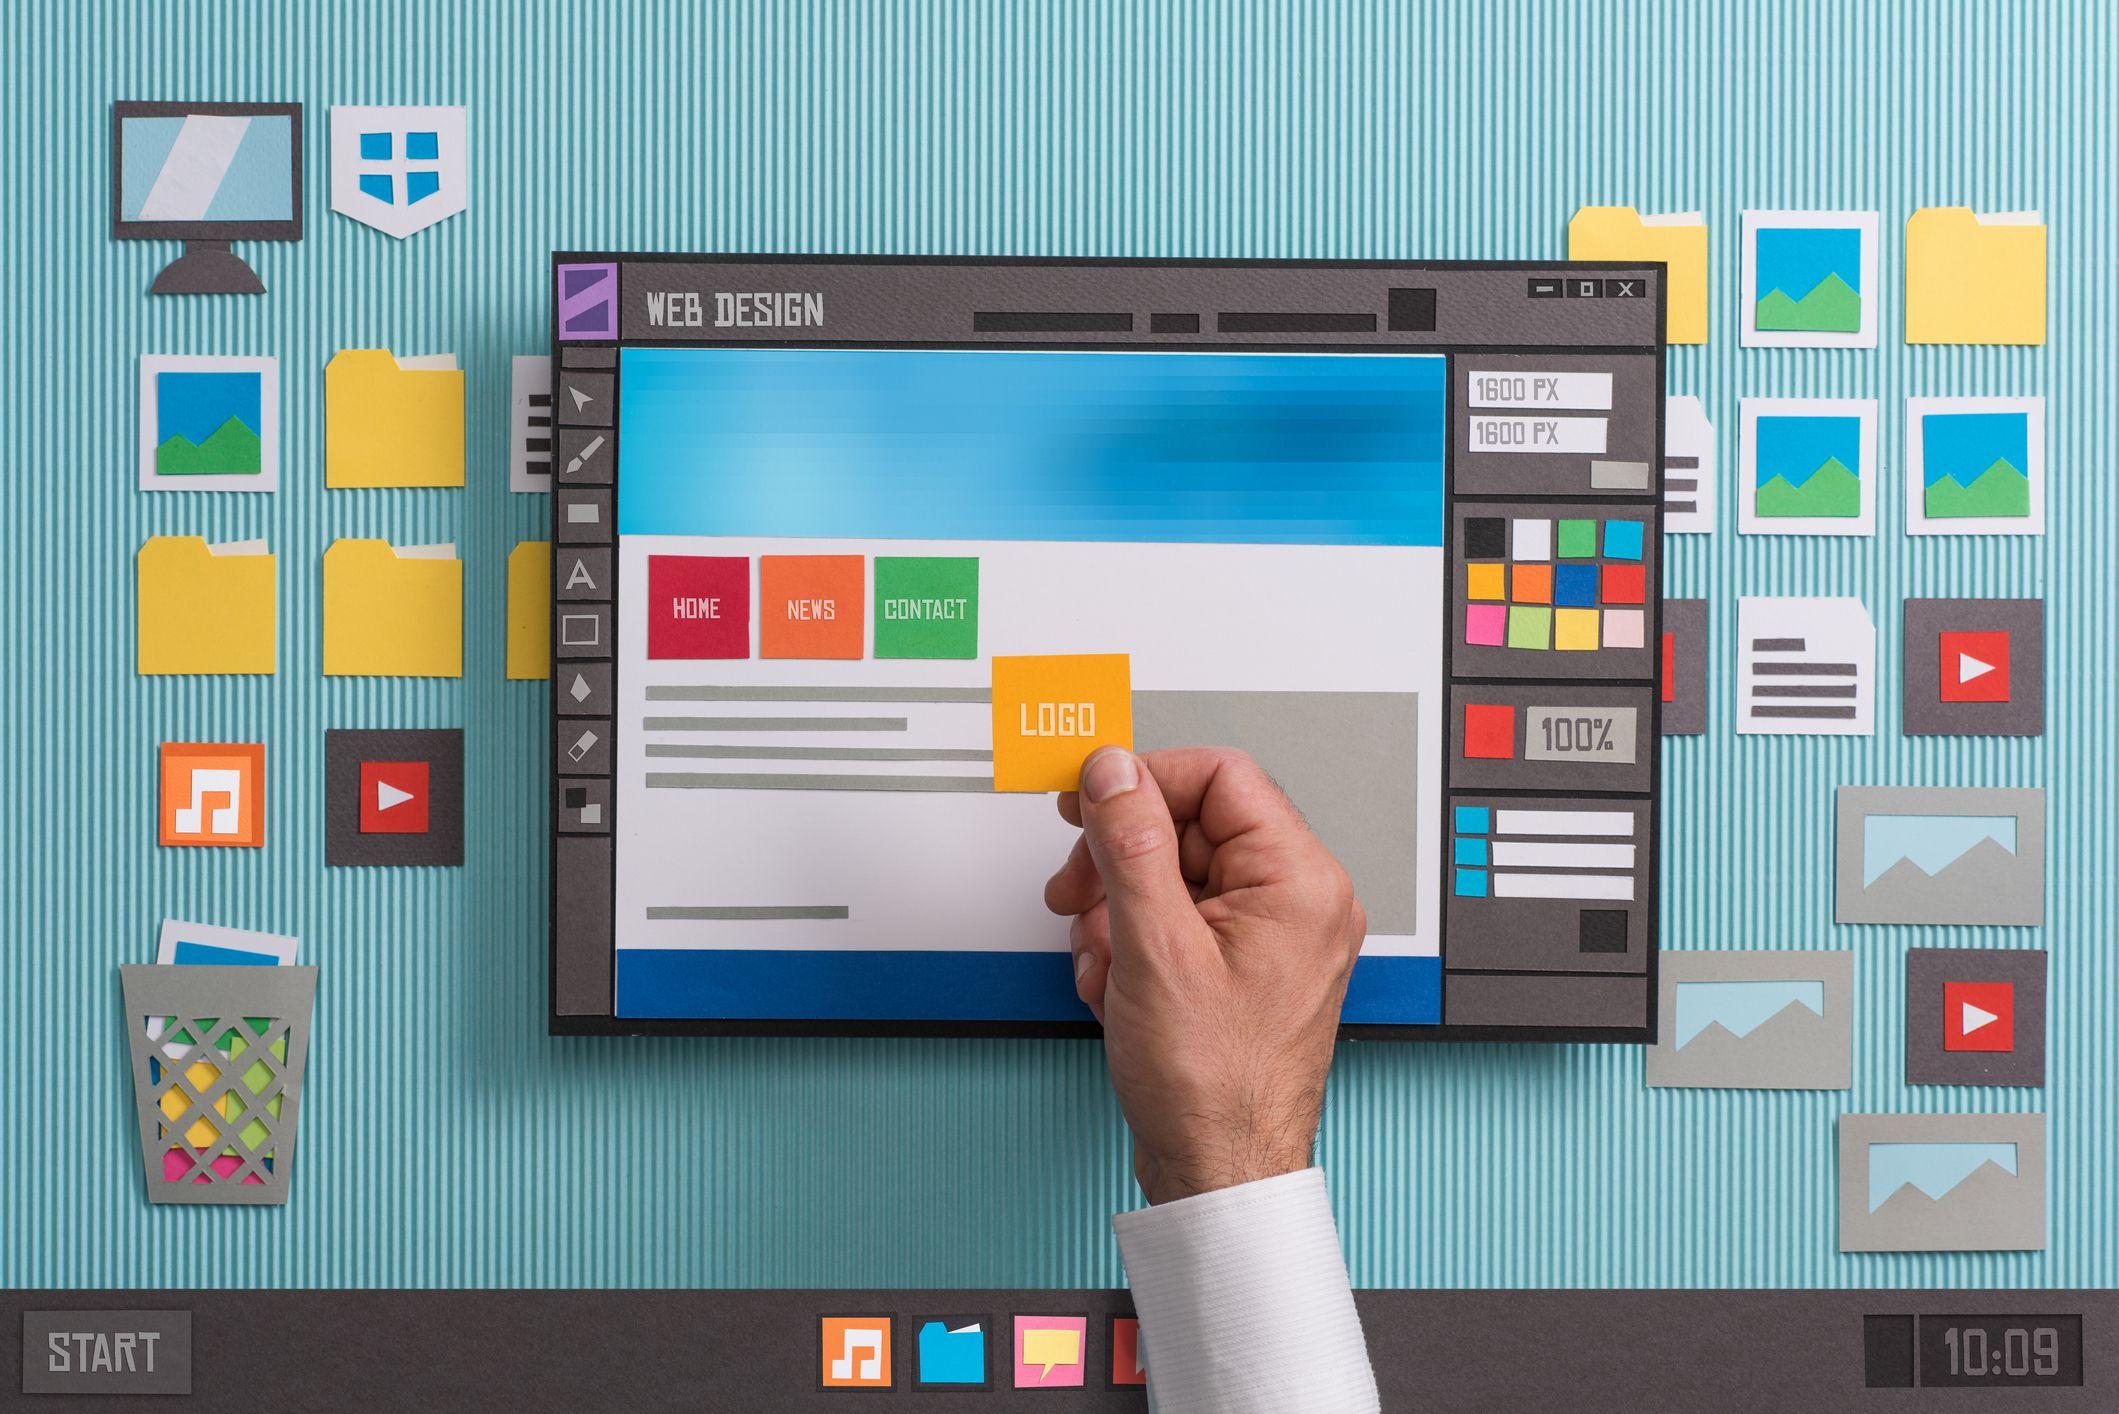 Free WYSIWYG HTML Editors for Windows